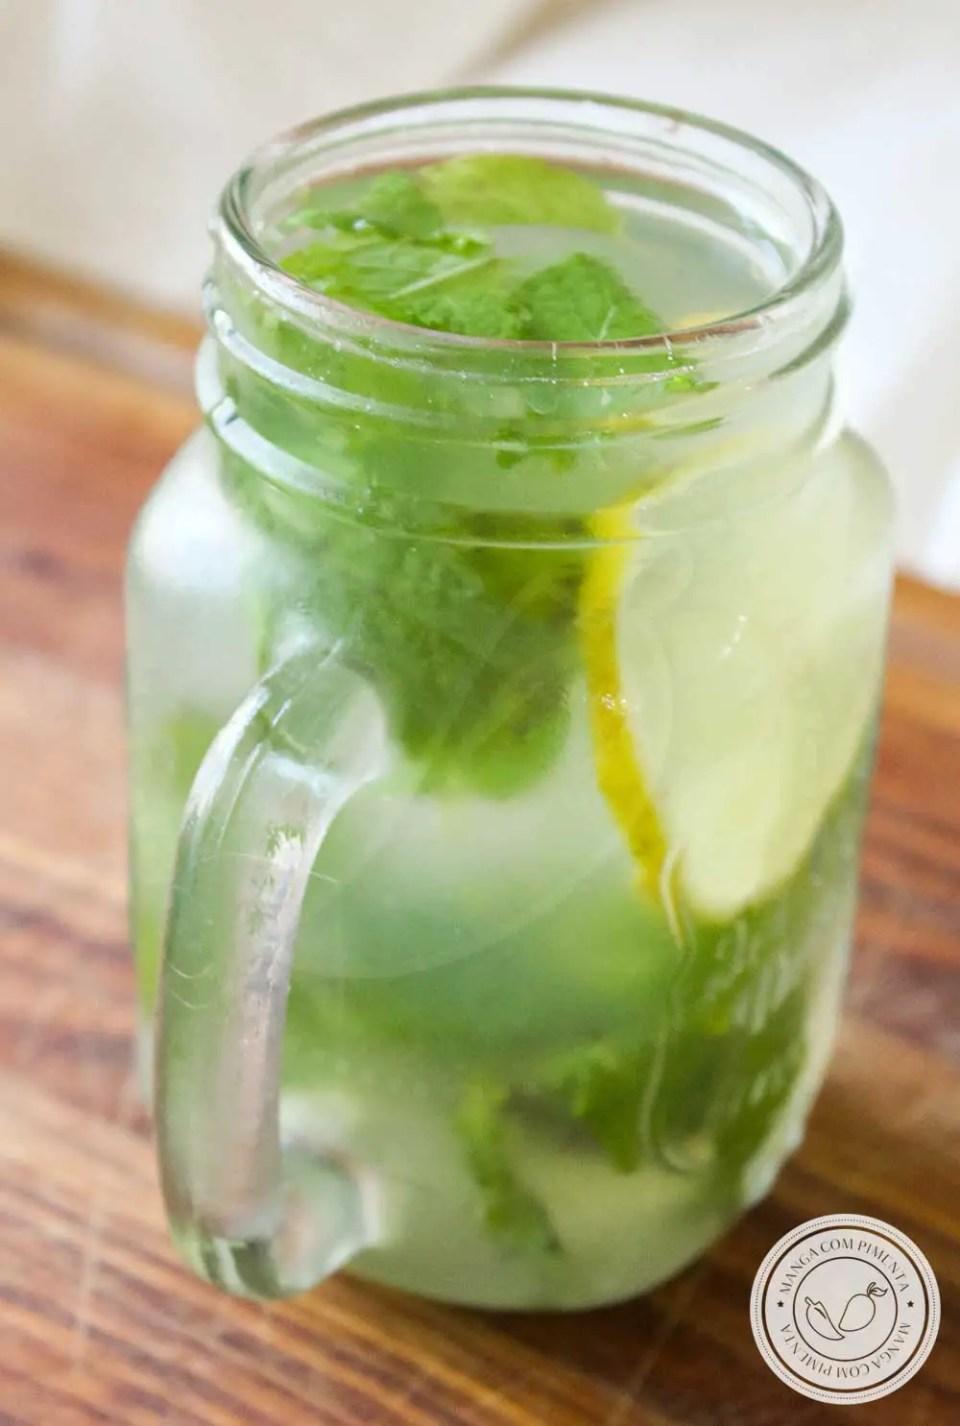 Receita de Suco de Limão com Mel e Hortelã - uma bebida para melhorar a saúde, prepare também nos dias frios!